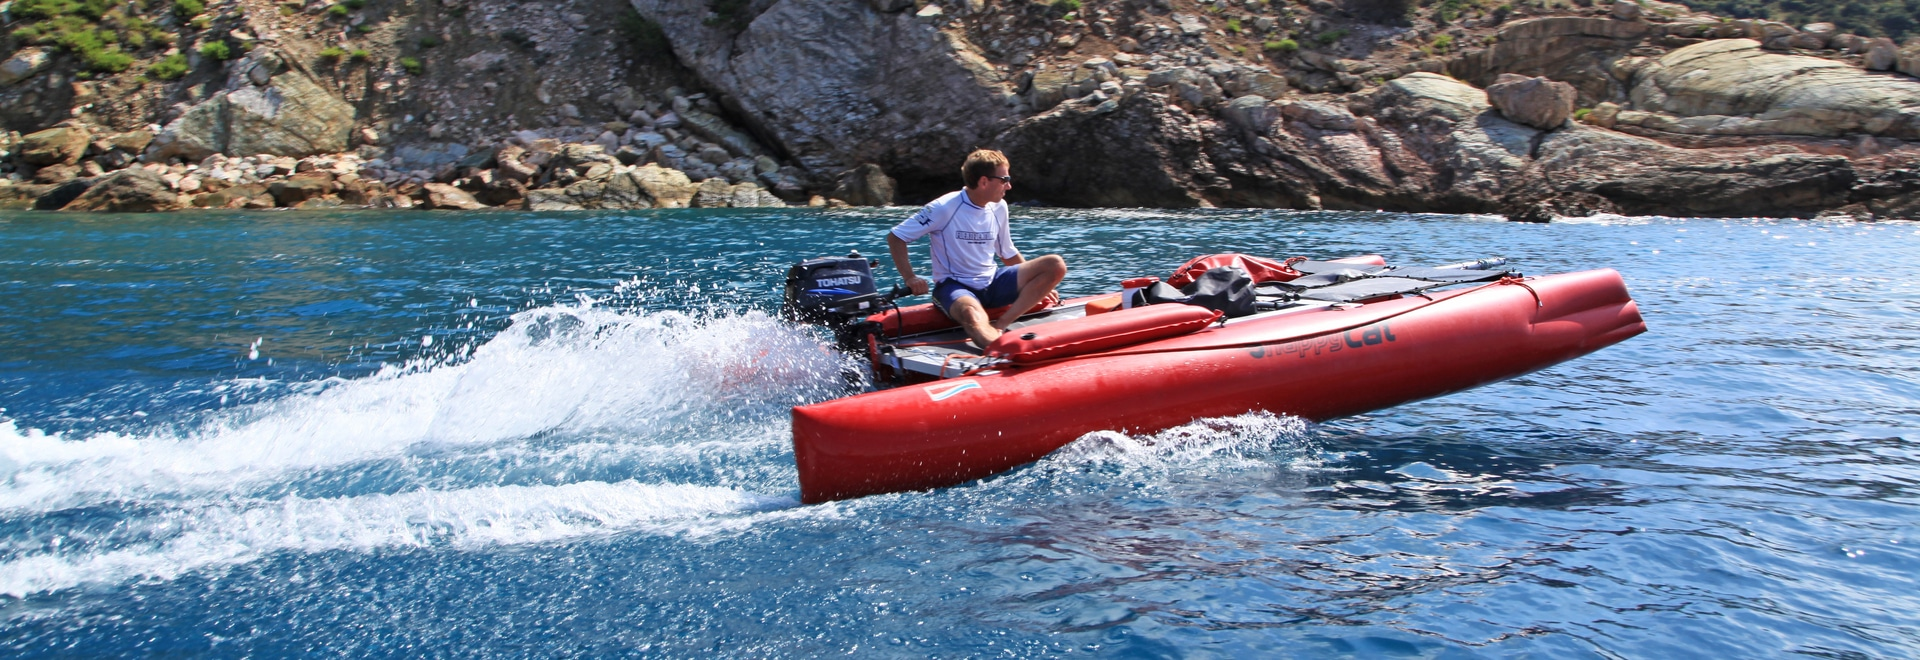 Supporto severo del motore per l'URAGANO FELICE del CAT del catamarano gonfiabile